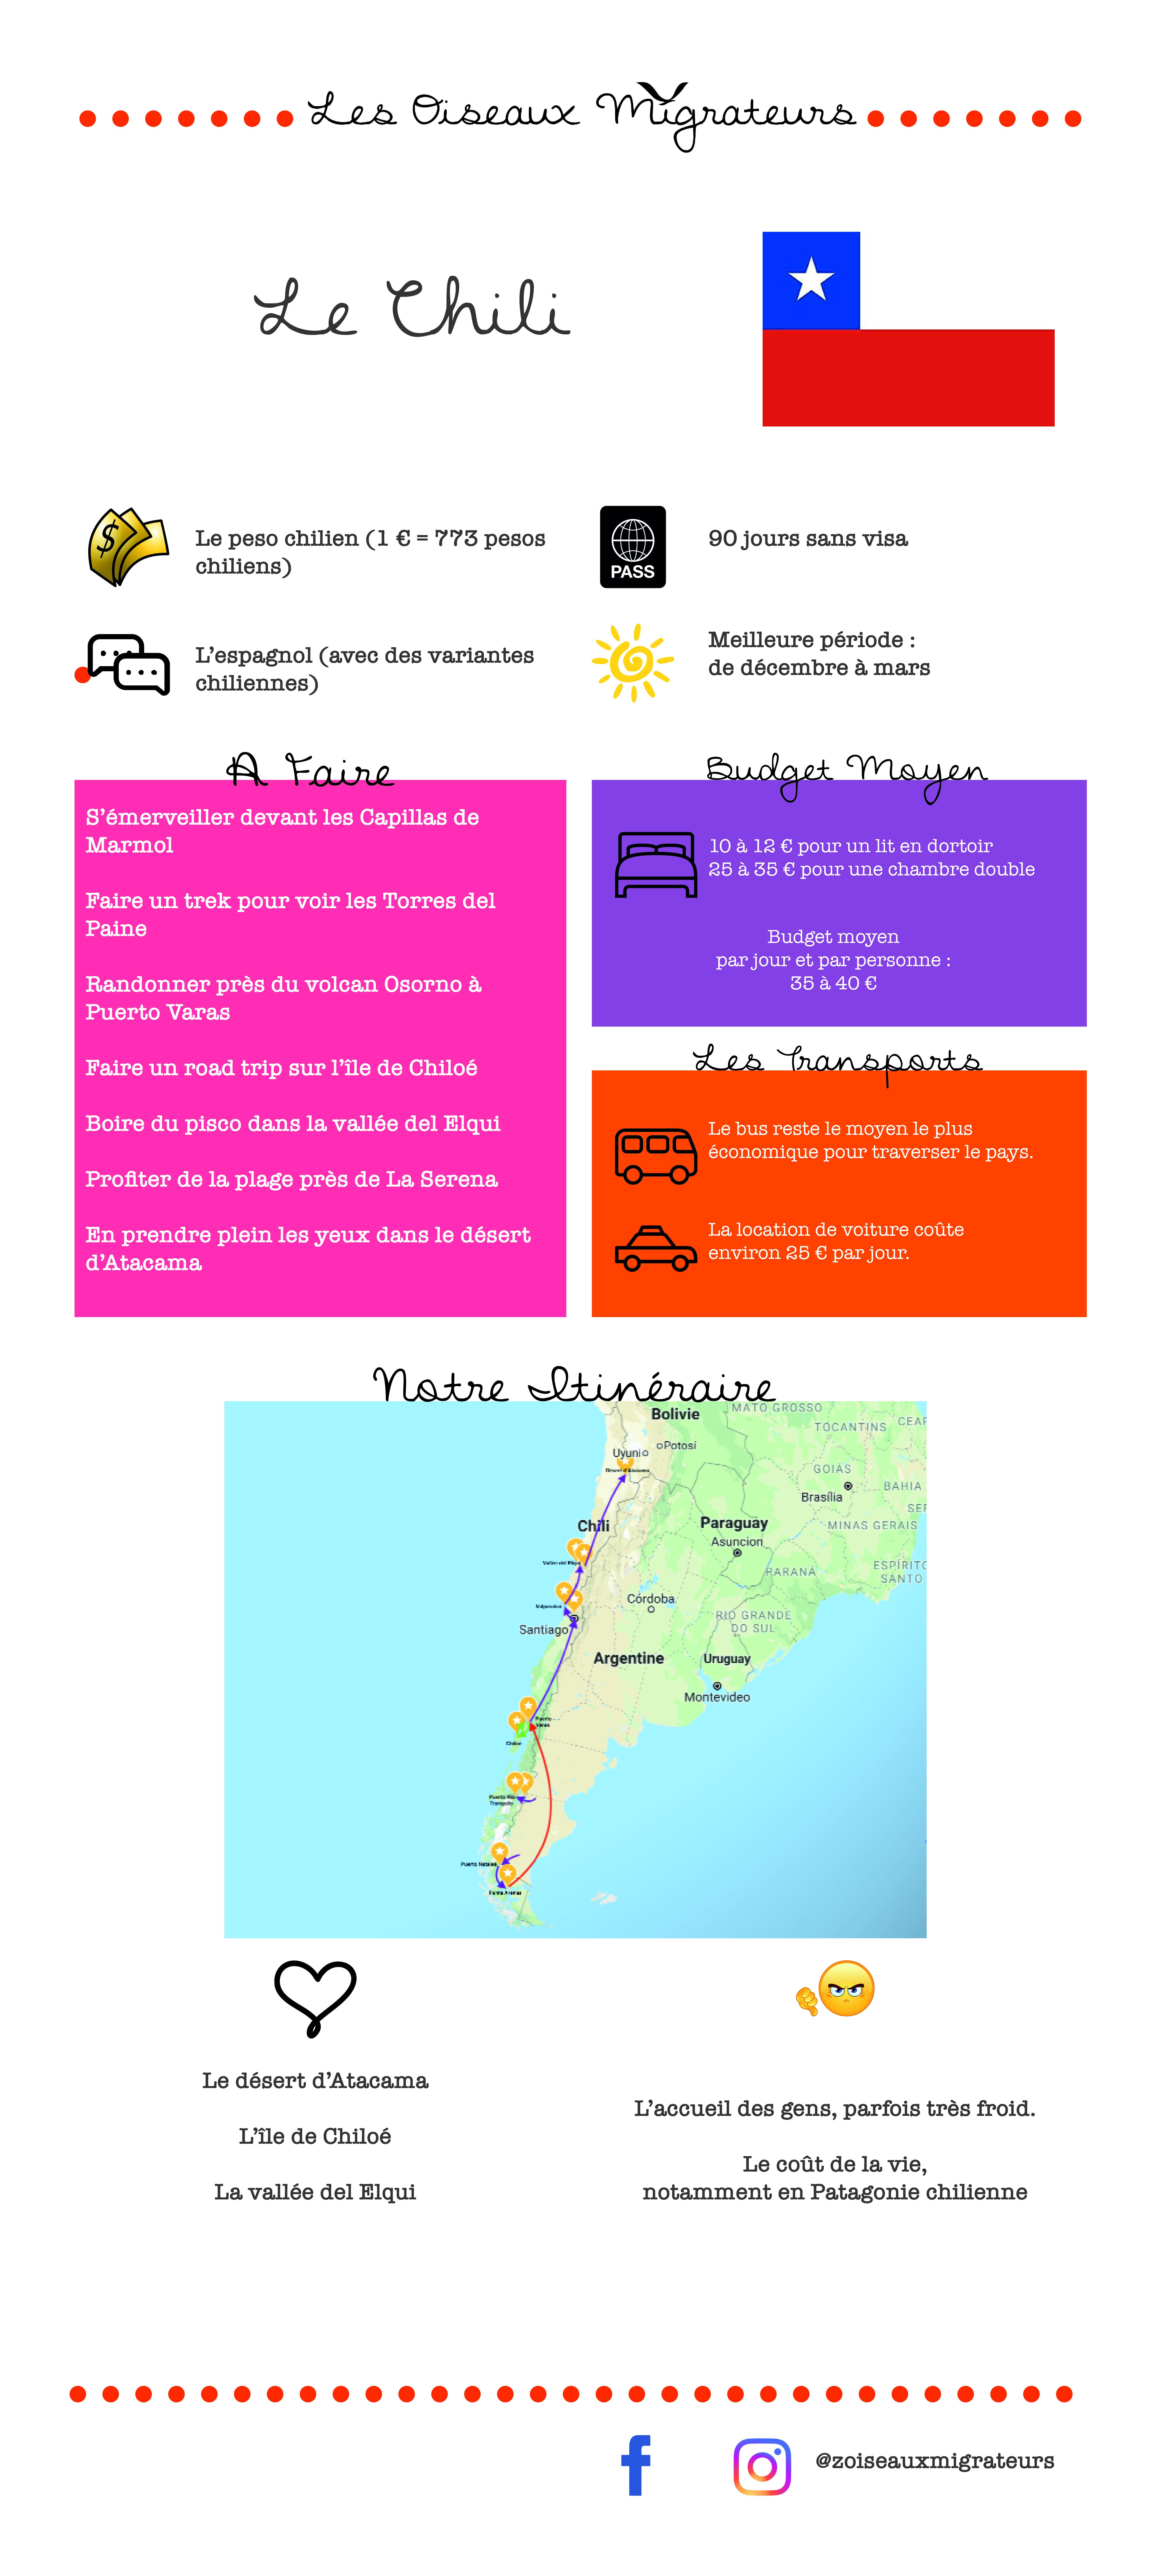 Infographie du Chili.